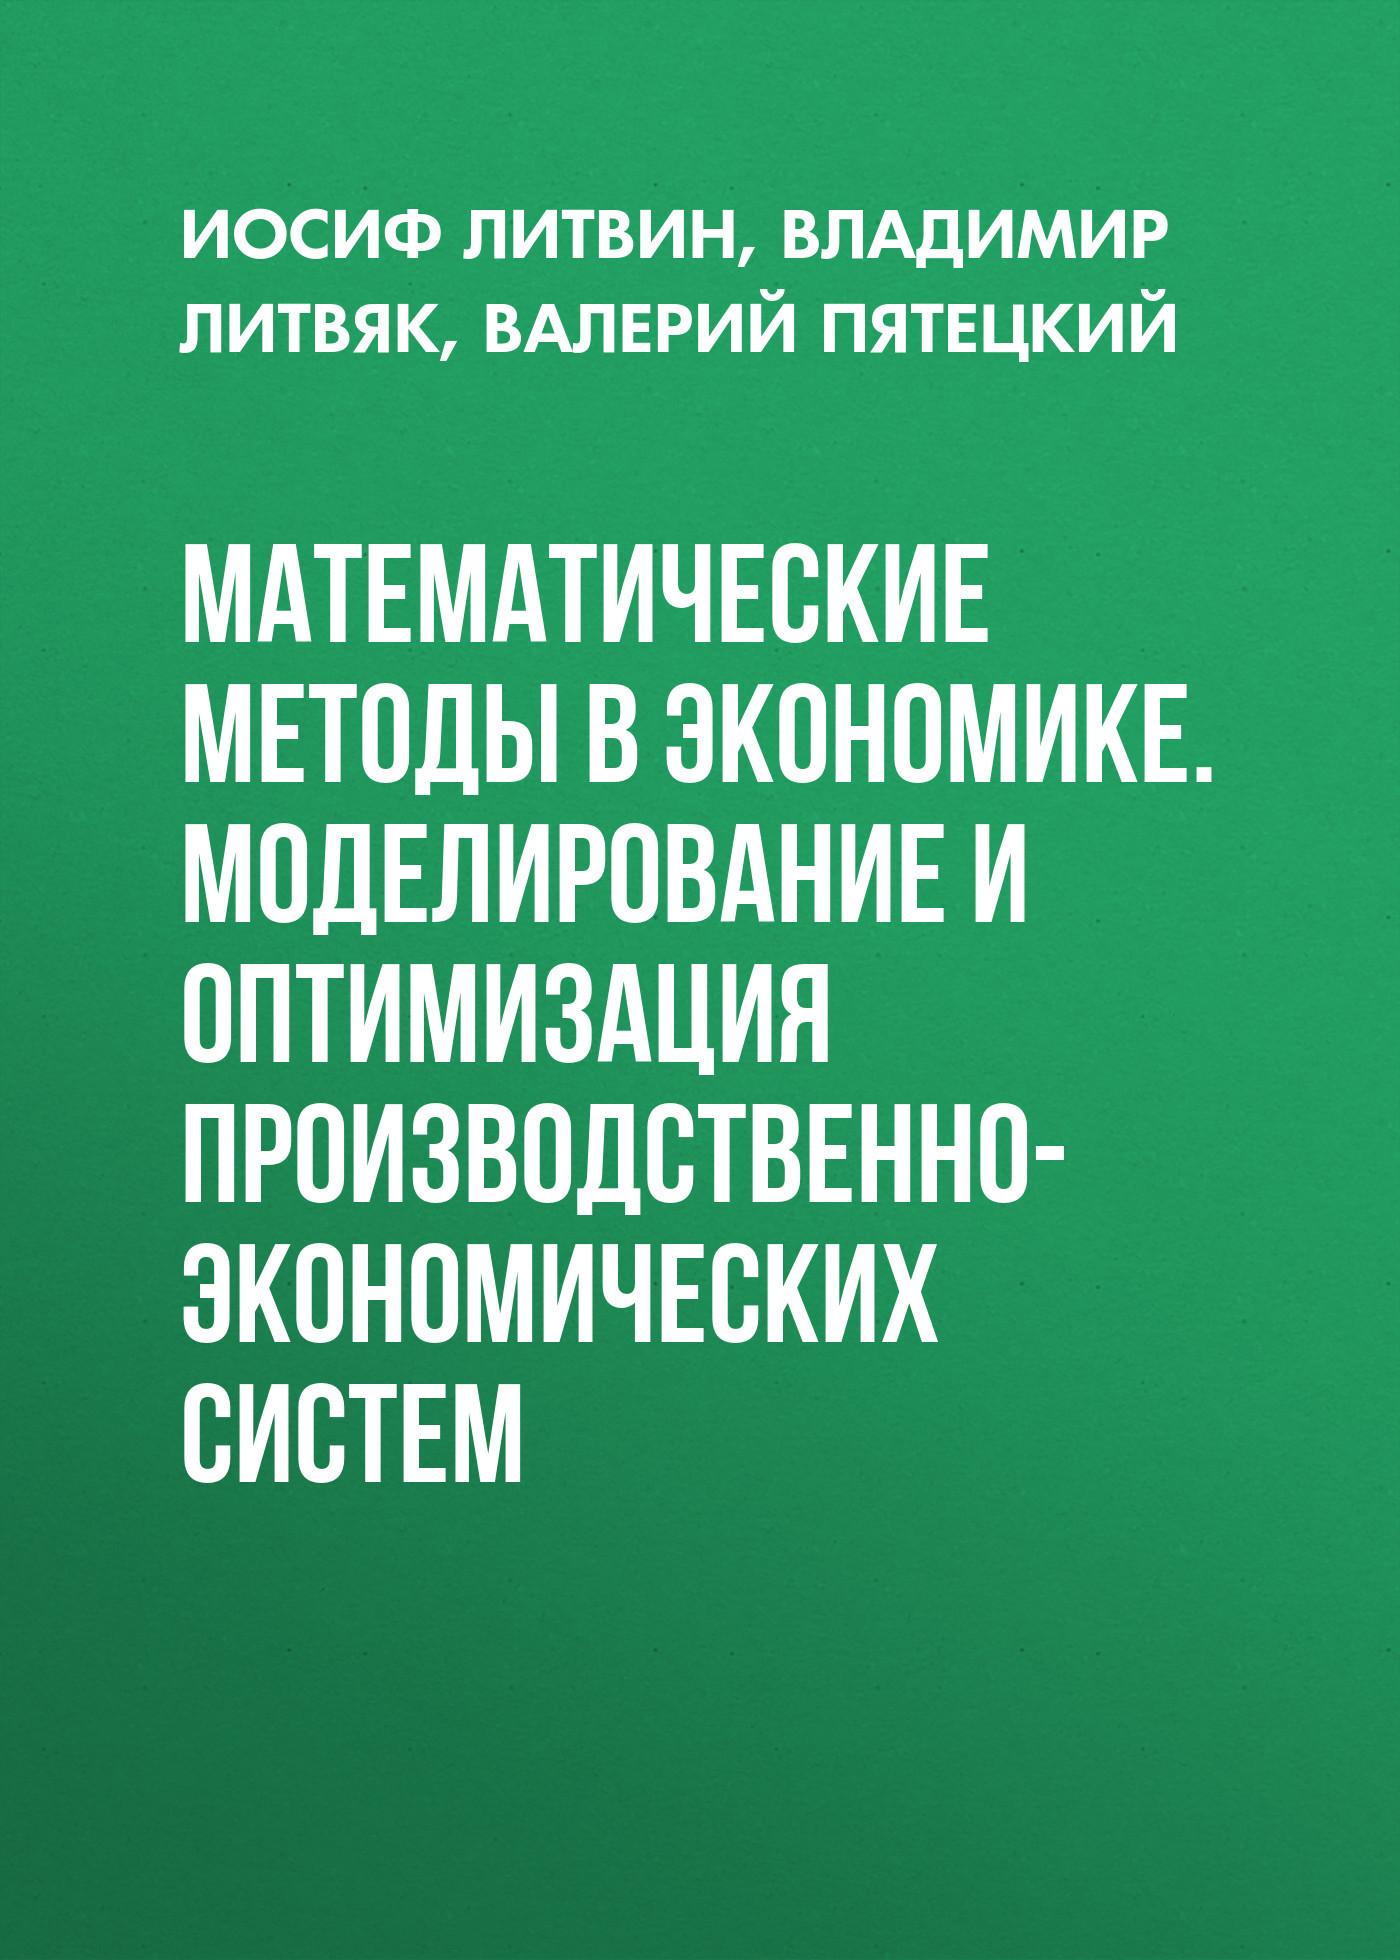 Валерий Пятецкий. Математические методы в экономике. Моделирование и оптимизация производственно-экономических систем